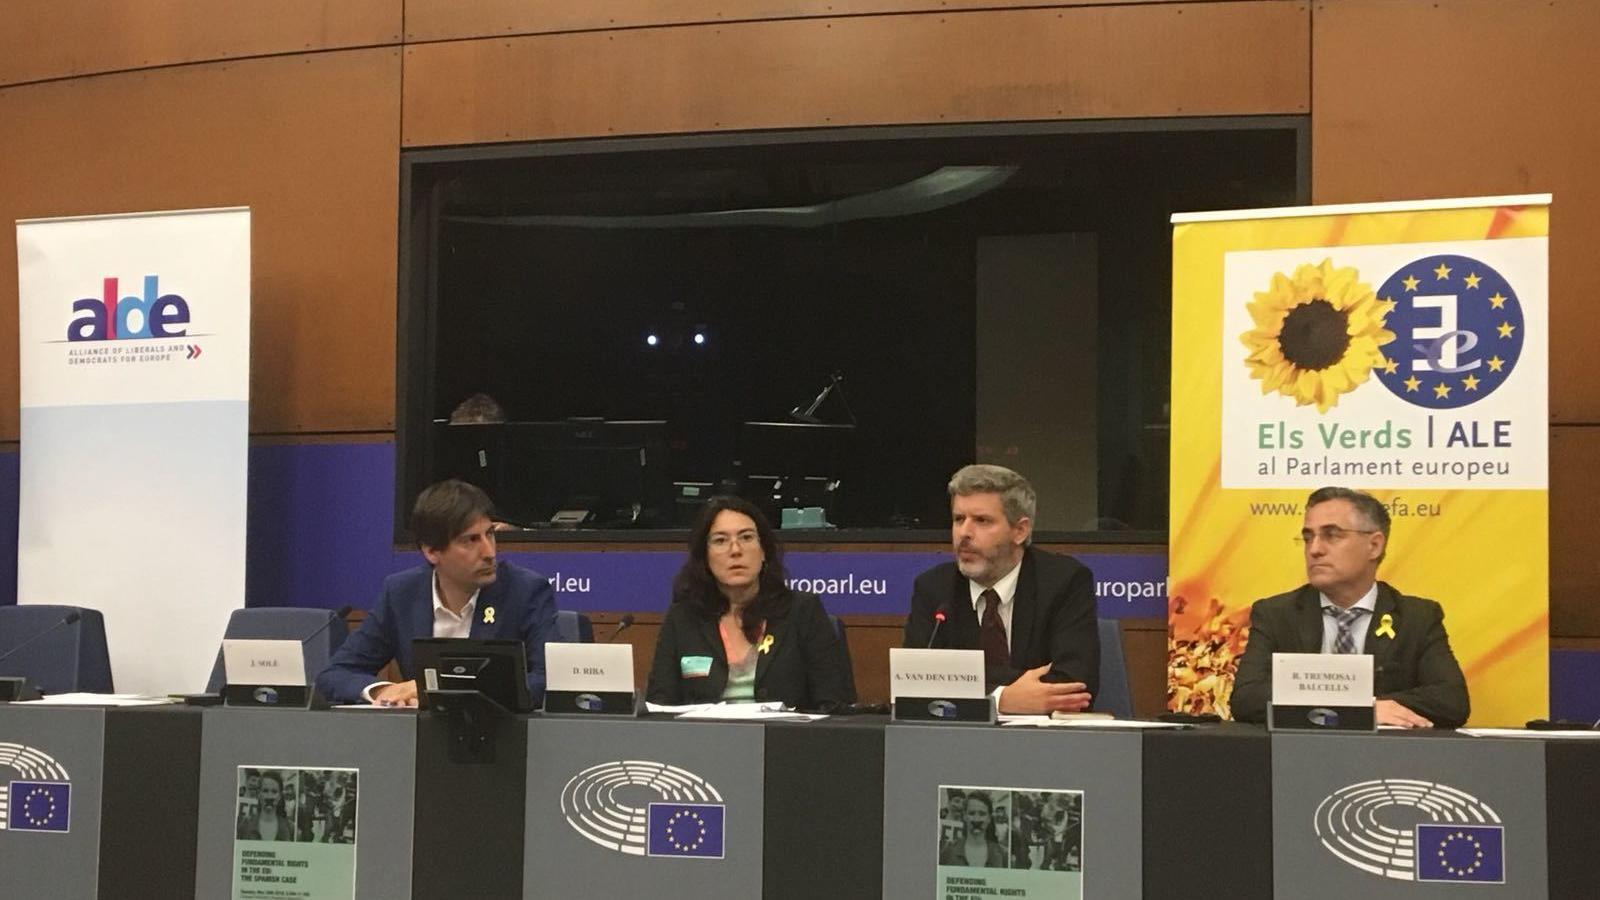 Solé, Riba, Van den Eynde i Tremosa en una conferència al Parlament Europeu